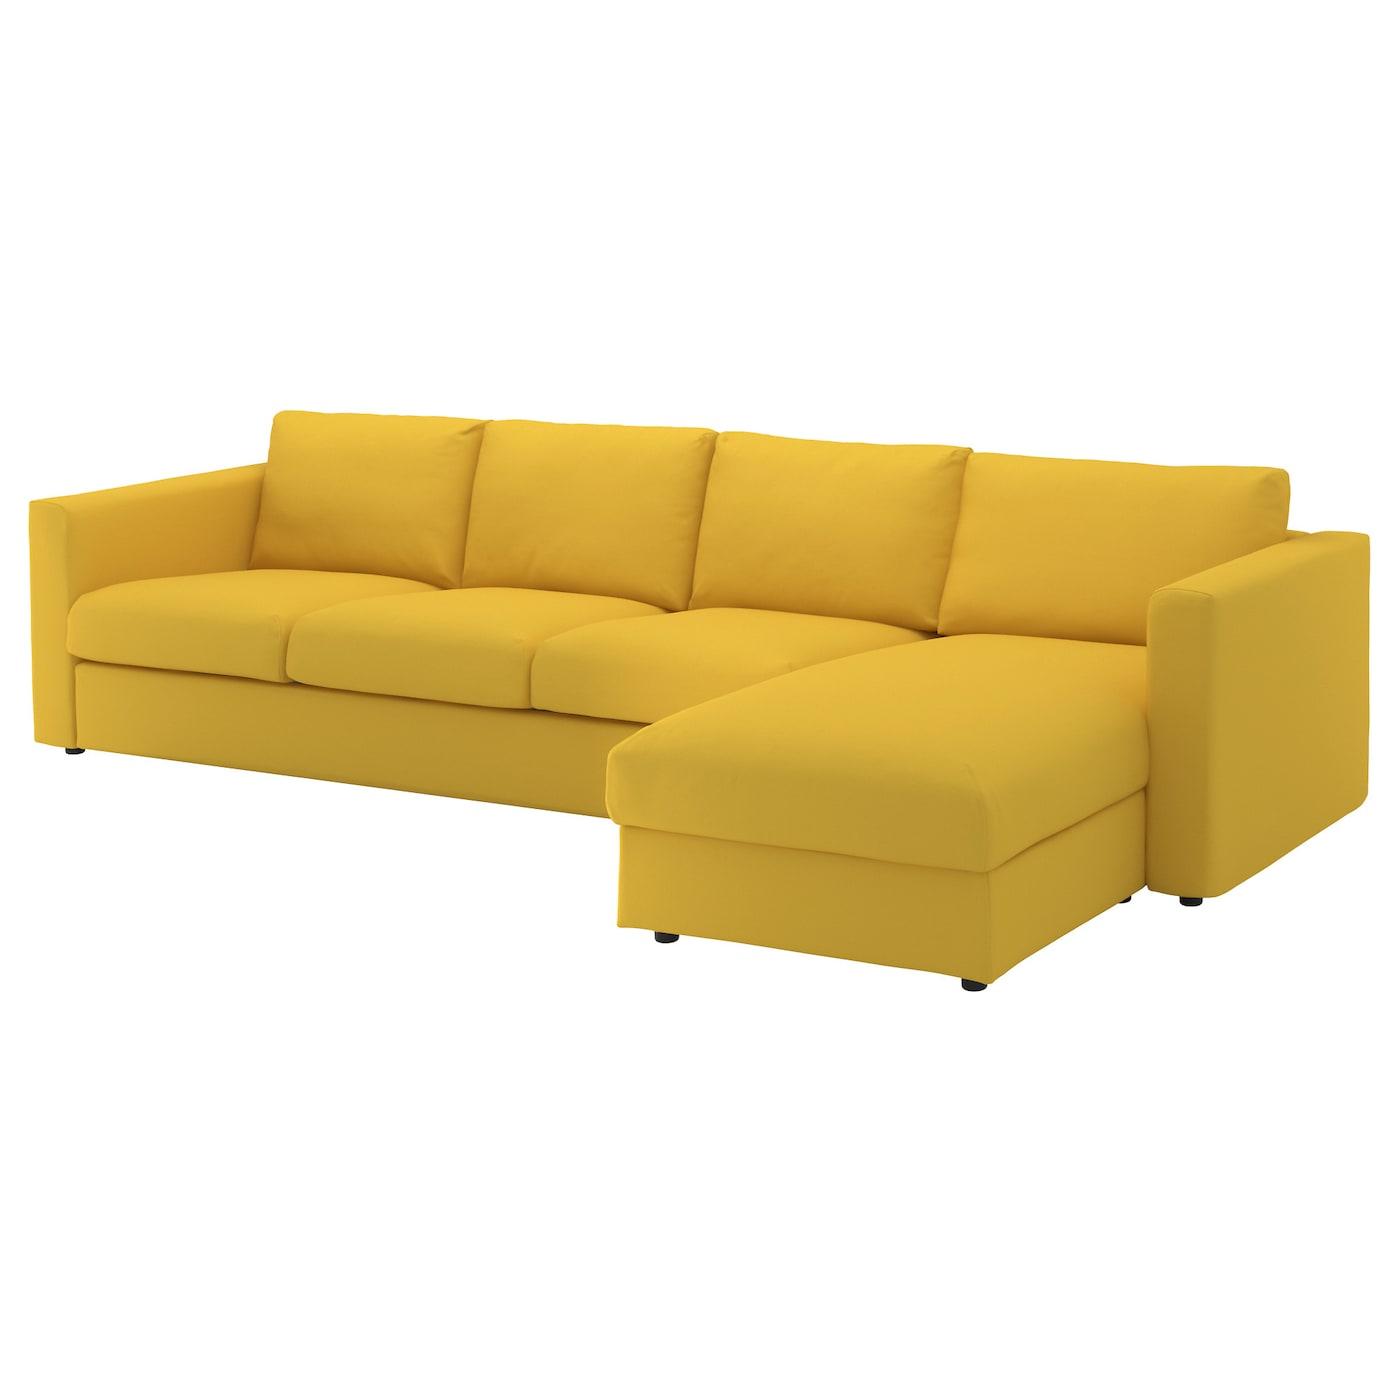 Ikea Yellow Sofa King Sofa